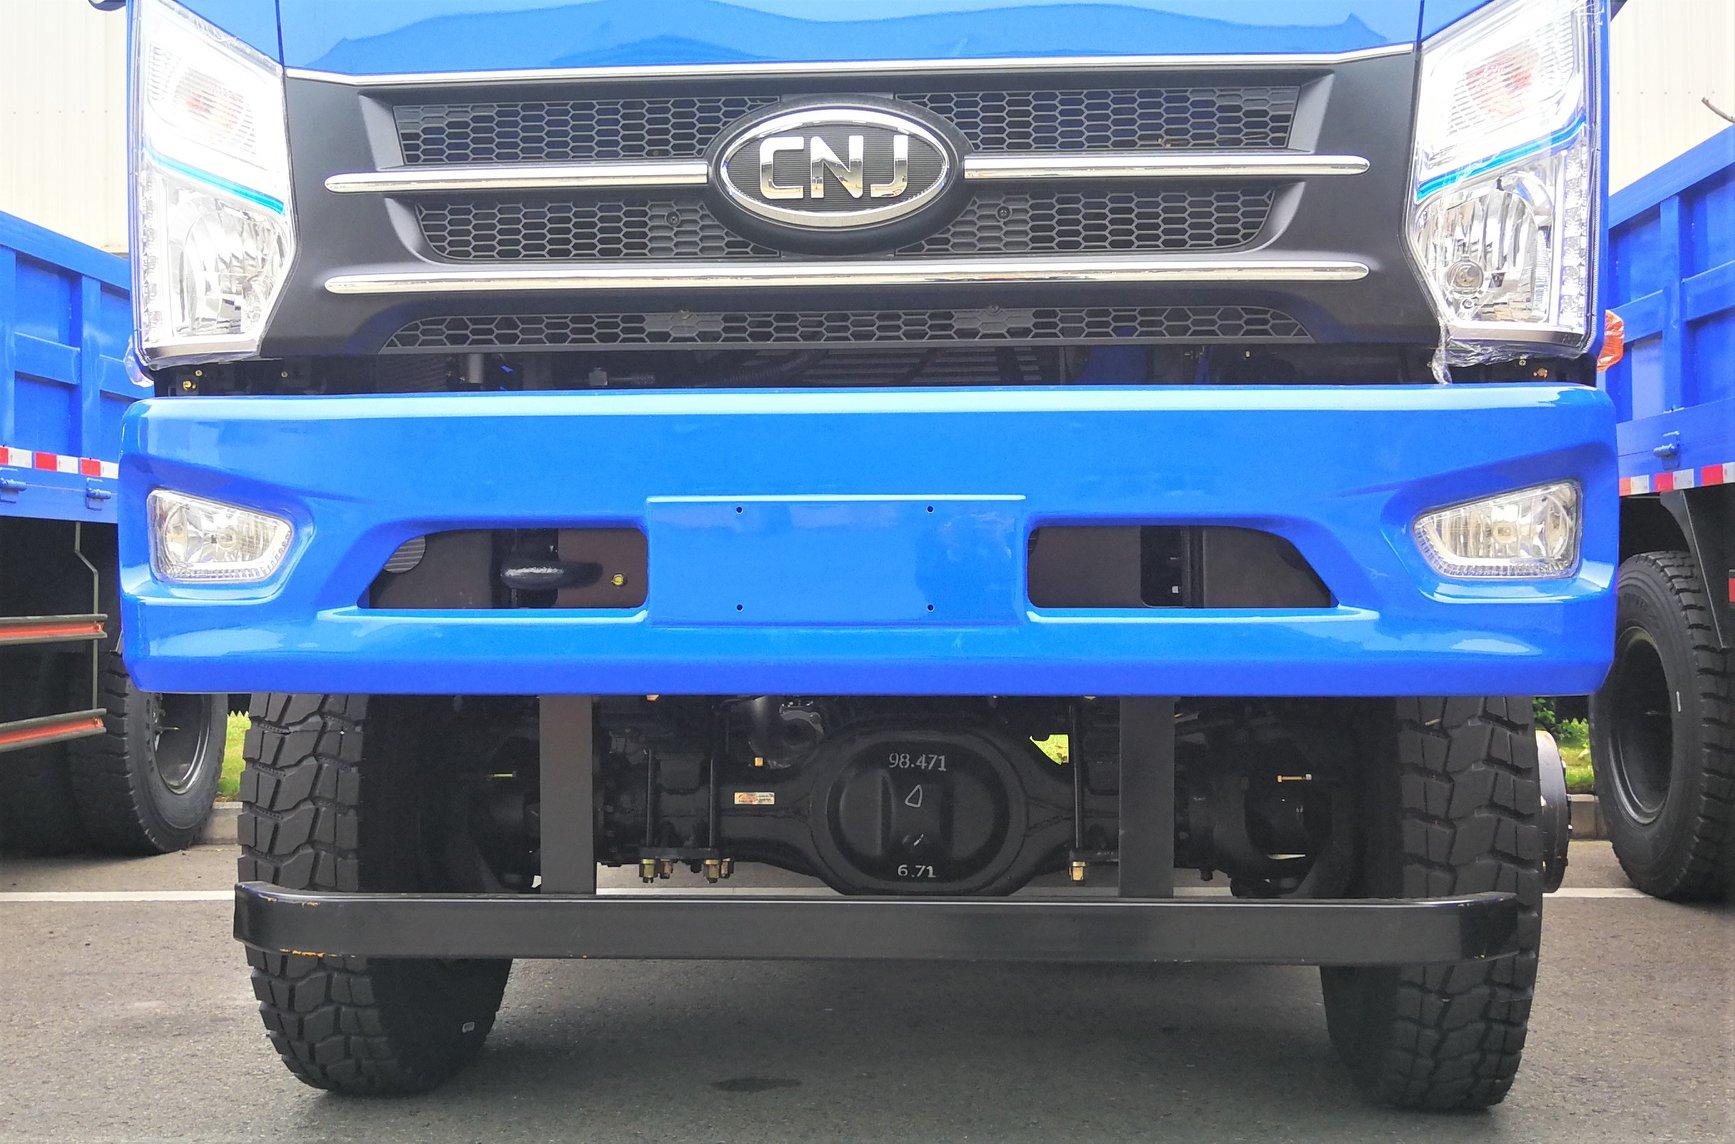 cnj-4-wd-dumper-trucks-zijn-veilig-aangekomen-in-liberia--2